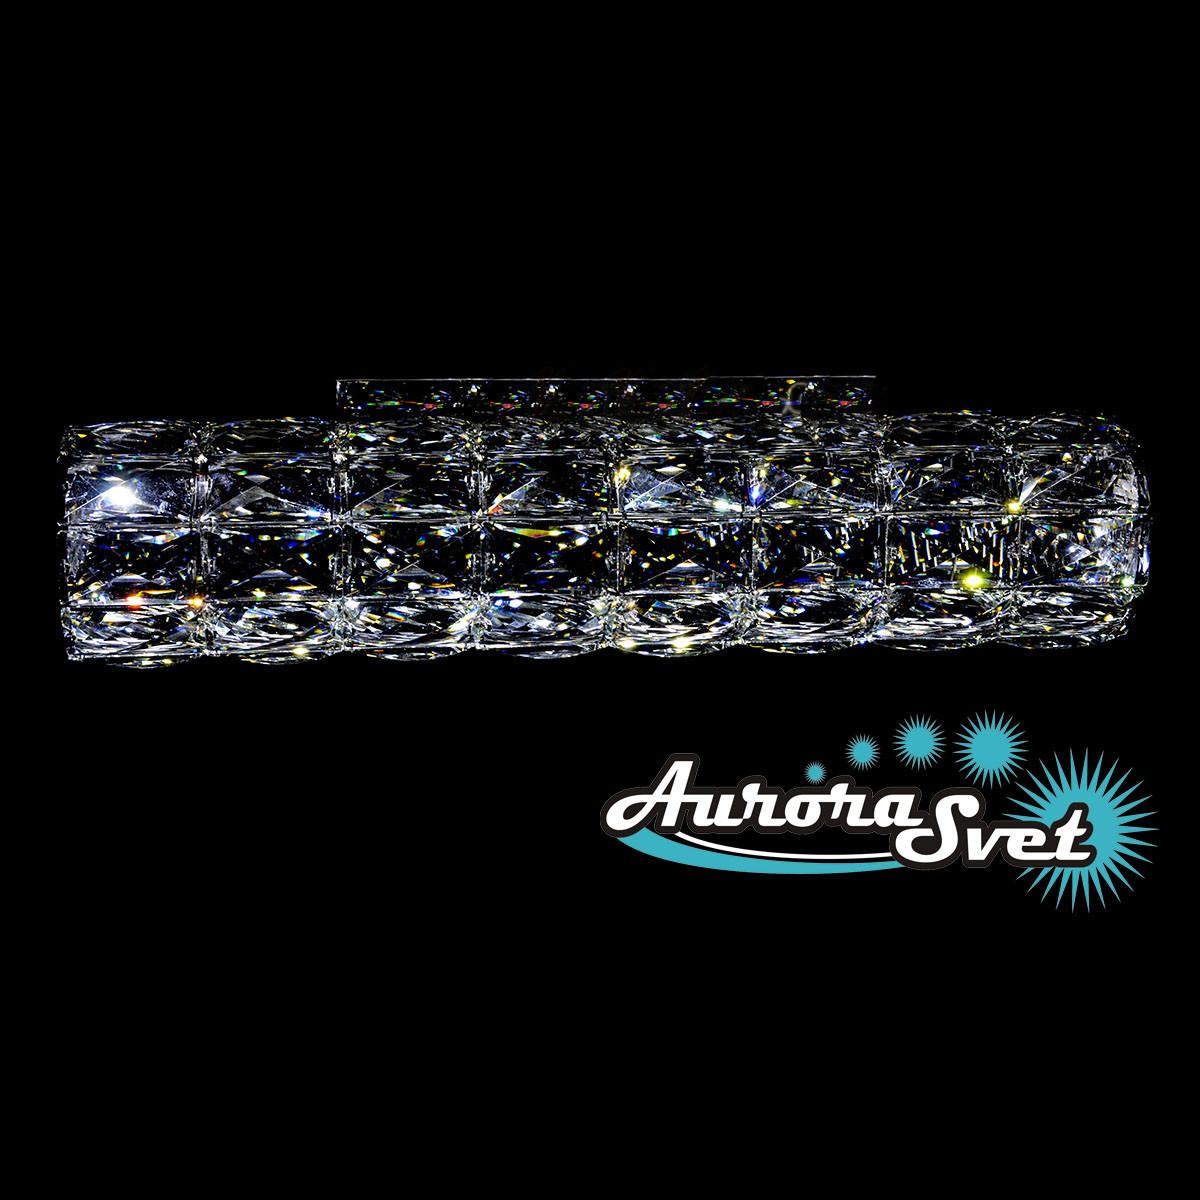 Бра настенная AuroraSvet модерн ХРУСТАЛЬНАЯ.LED светильник бра. Светодиодный светильник бра.